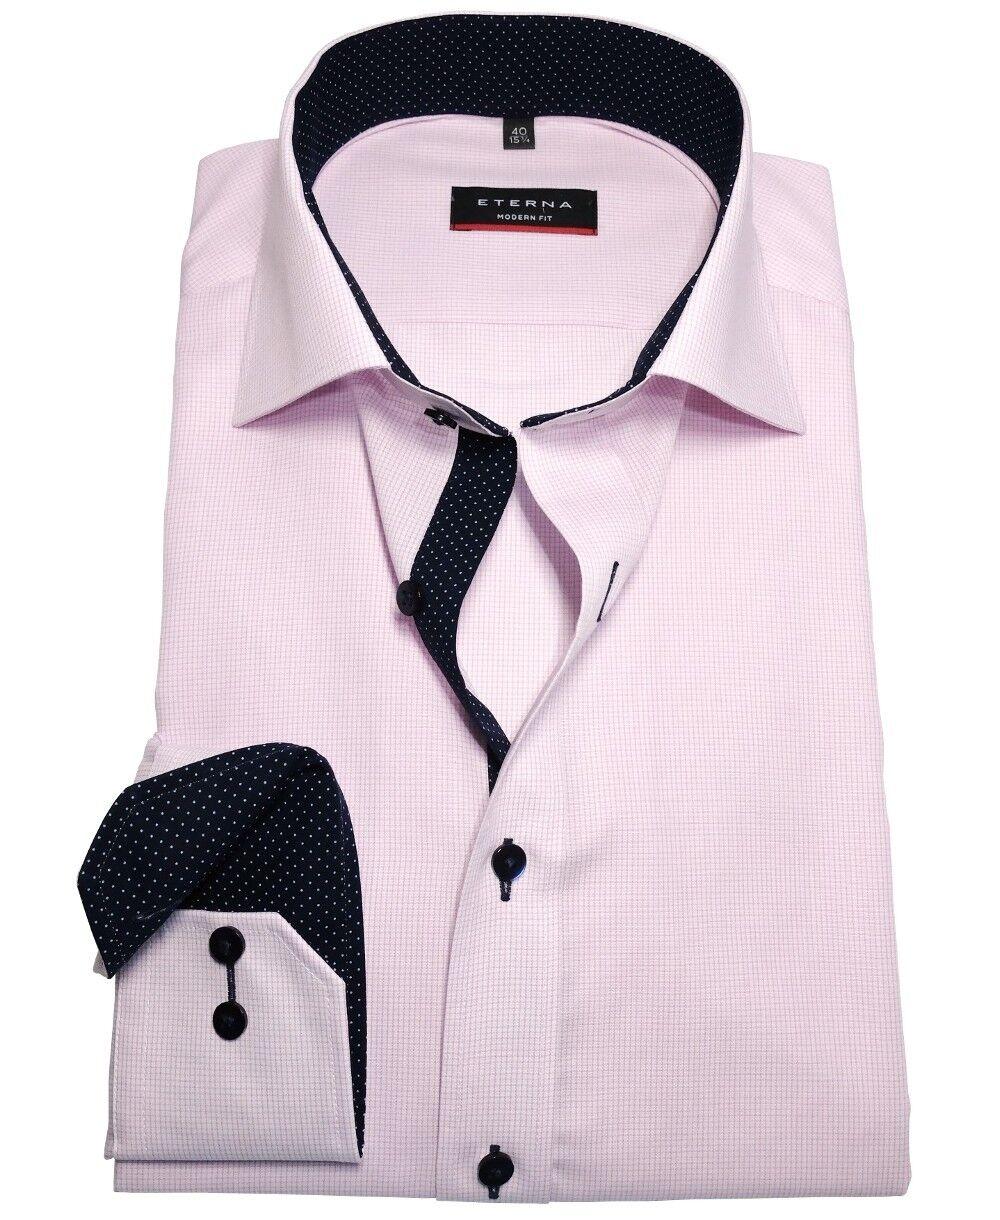 Eterna Modern Fit Langarmhemd pink Gitterkaro Patches in dunkelblue Gr. 40 - 48